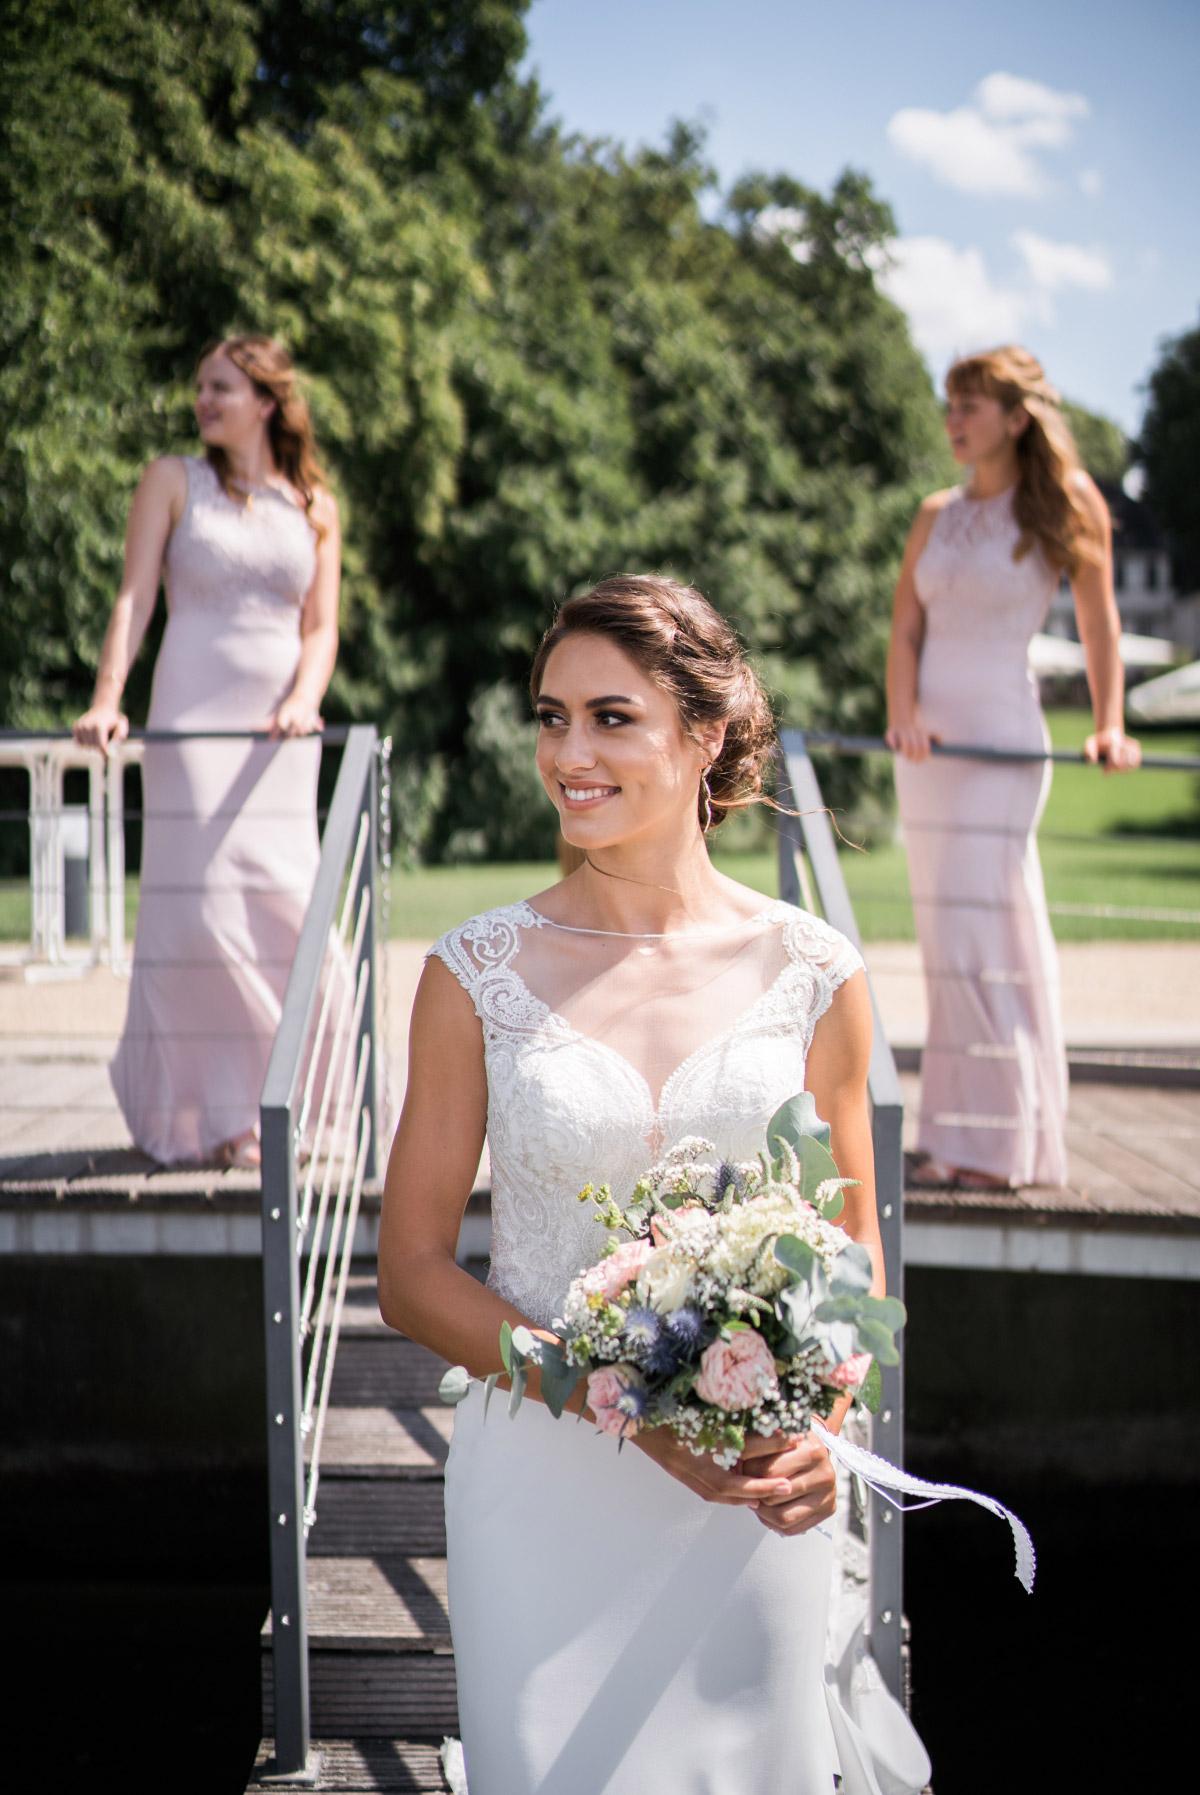 Hochzeitsfoto wartende Braut vor First Look - Villa Blumenfisch Hochzeitsfotograf © www.hochzeitslicht.de